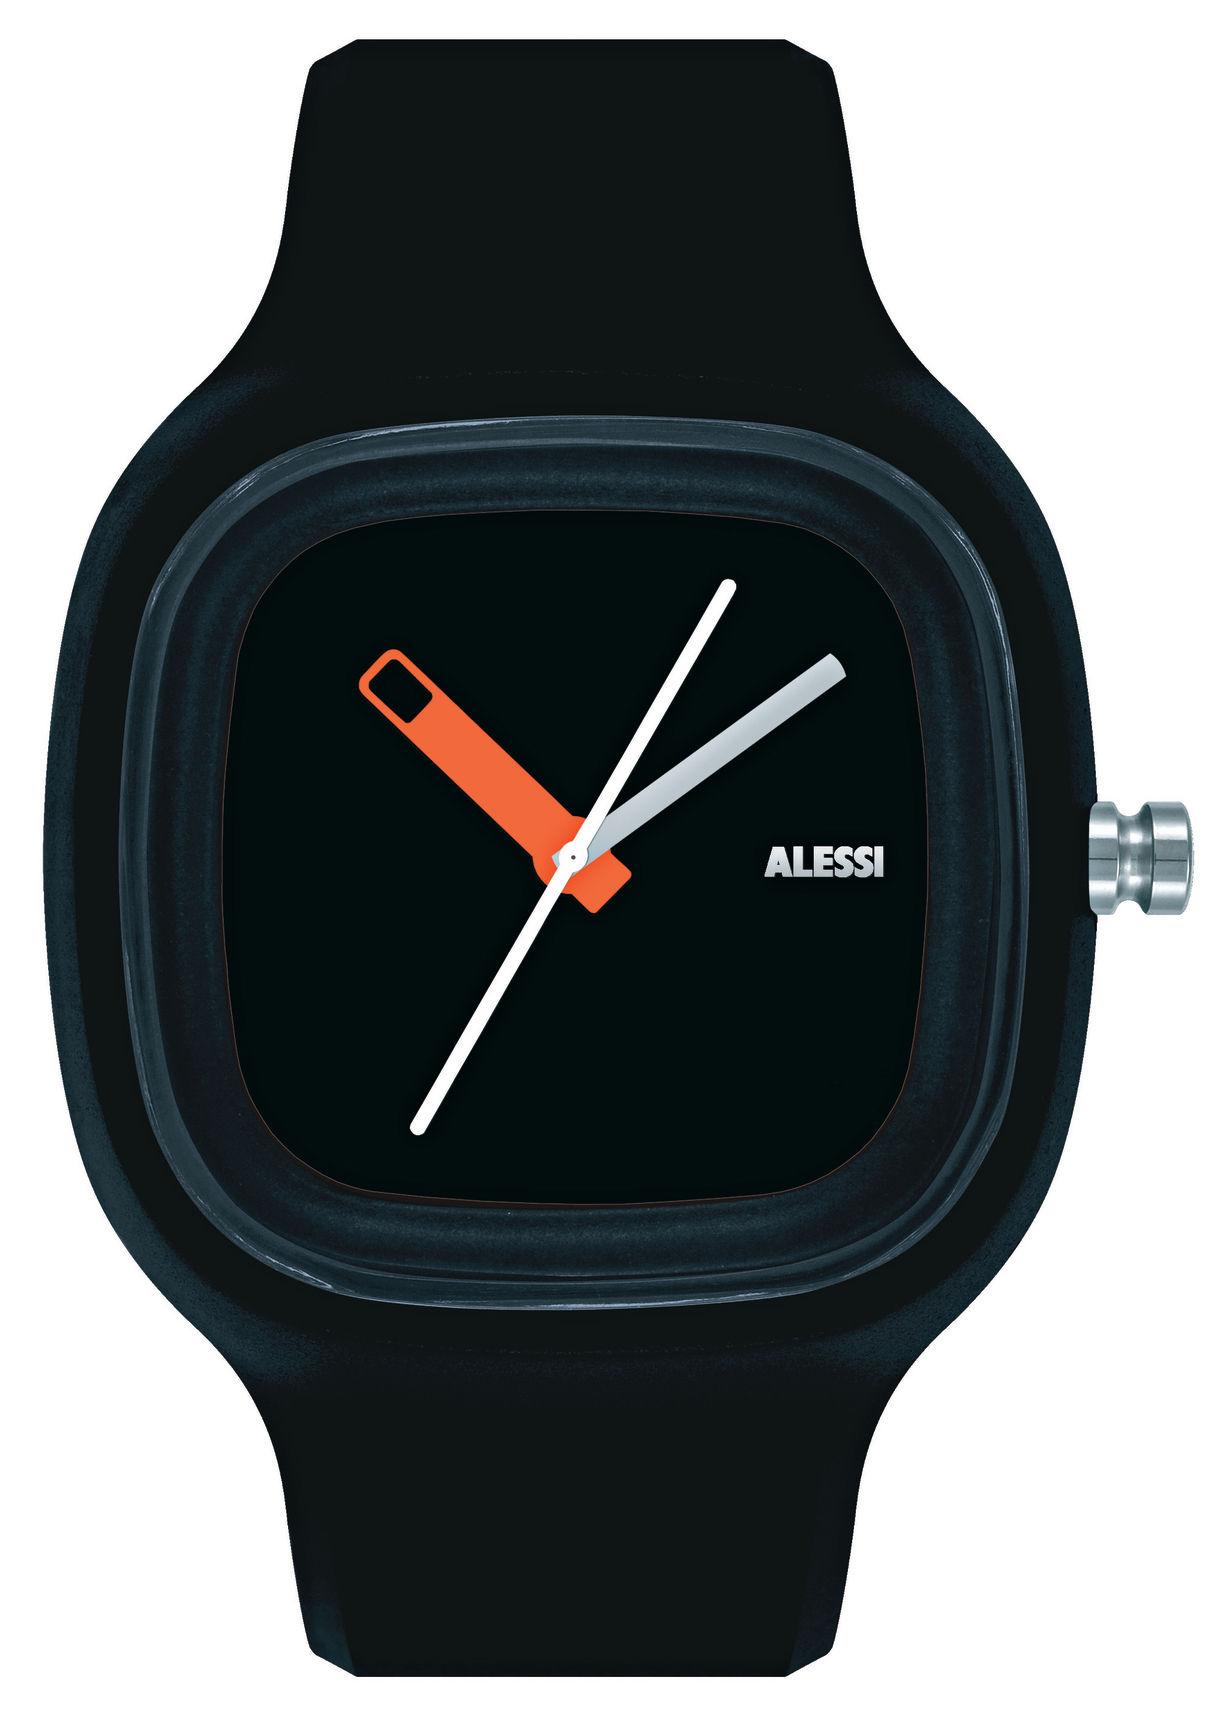 Accessori moda - Orologi - Orologio da polso Kaj - Versione tinta unita di Alessi Watches - Nero - Poliuretano